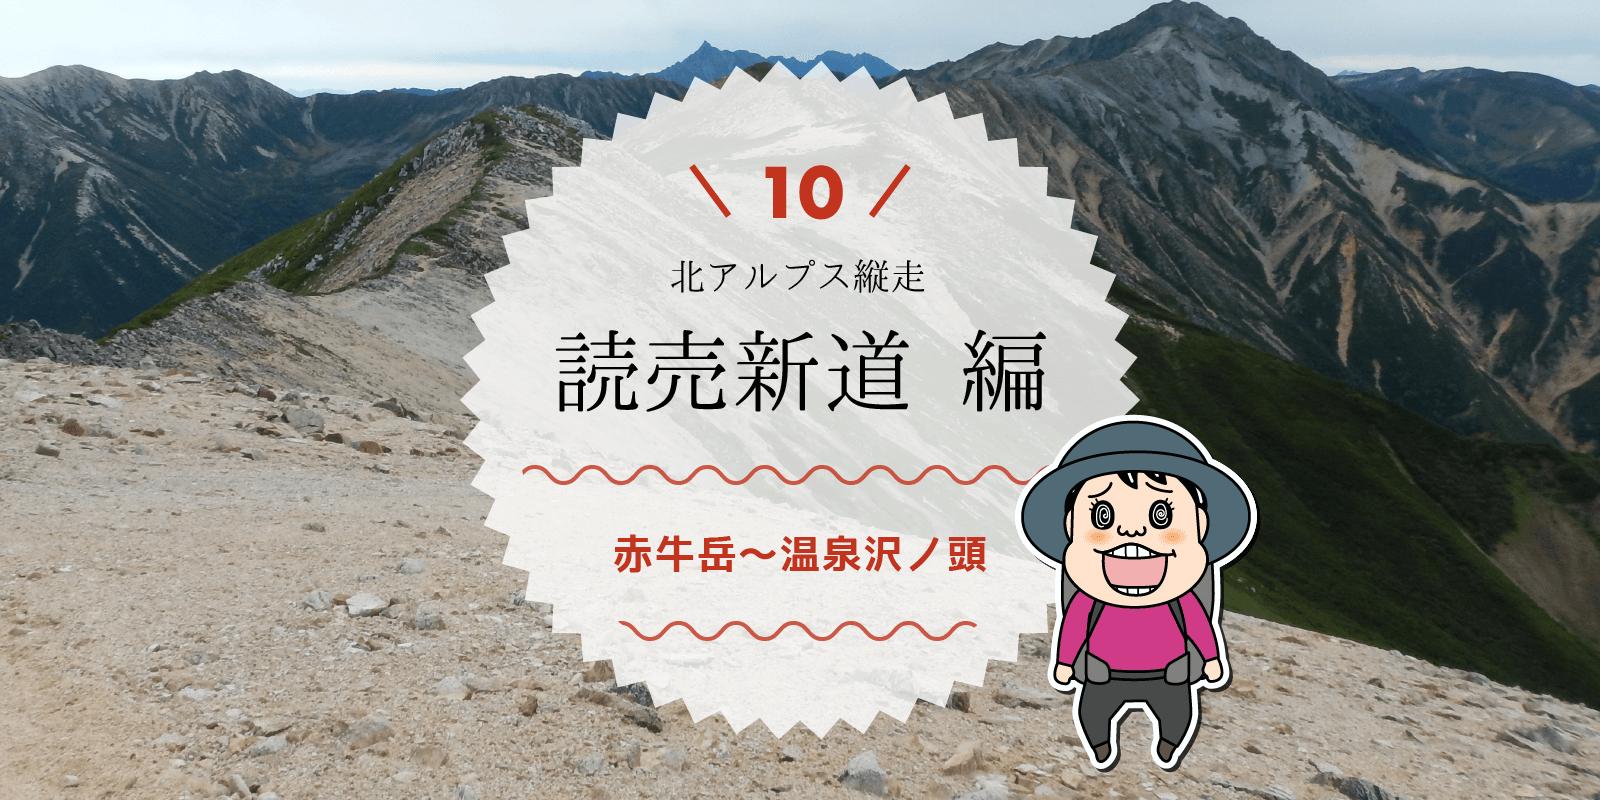 読売新道赤牛岳から温泉沢の頭までのタイトル画面